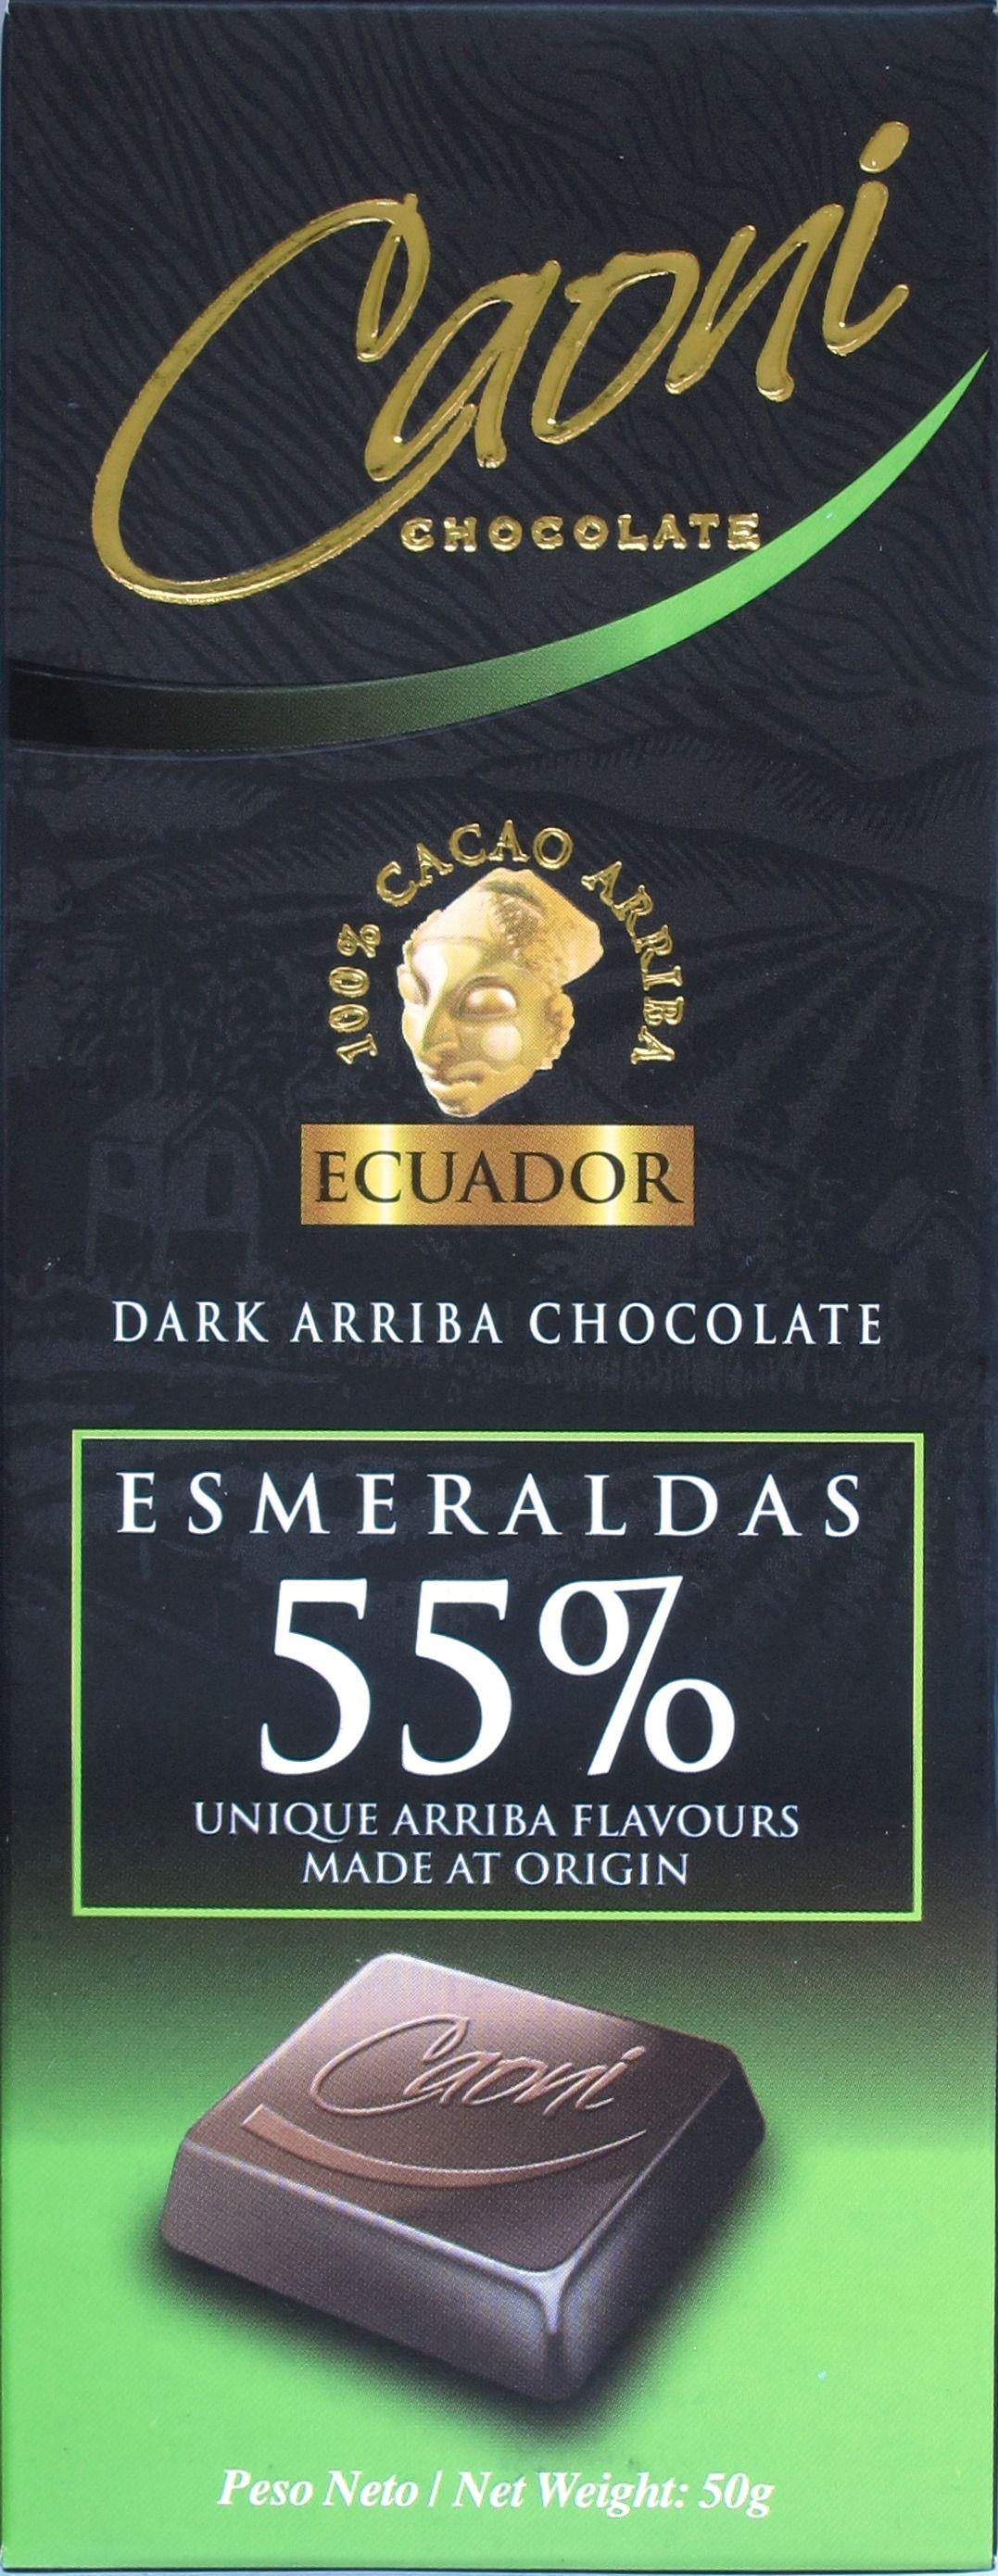 Caoni Esmeraldas 55%